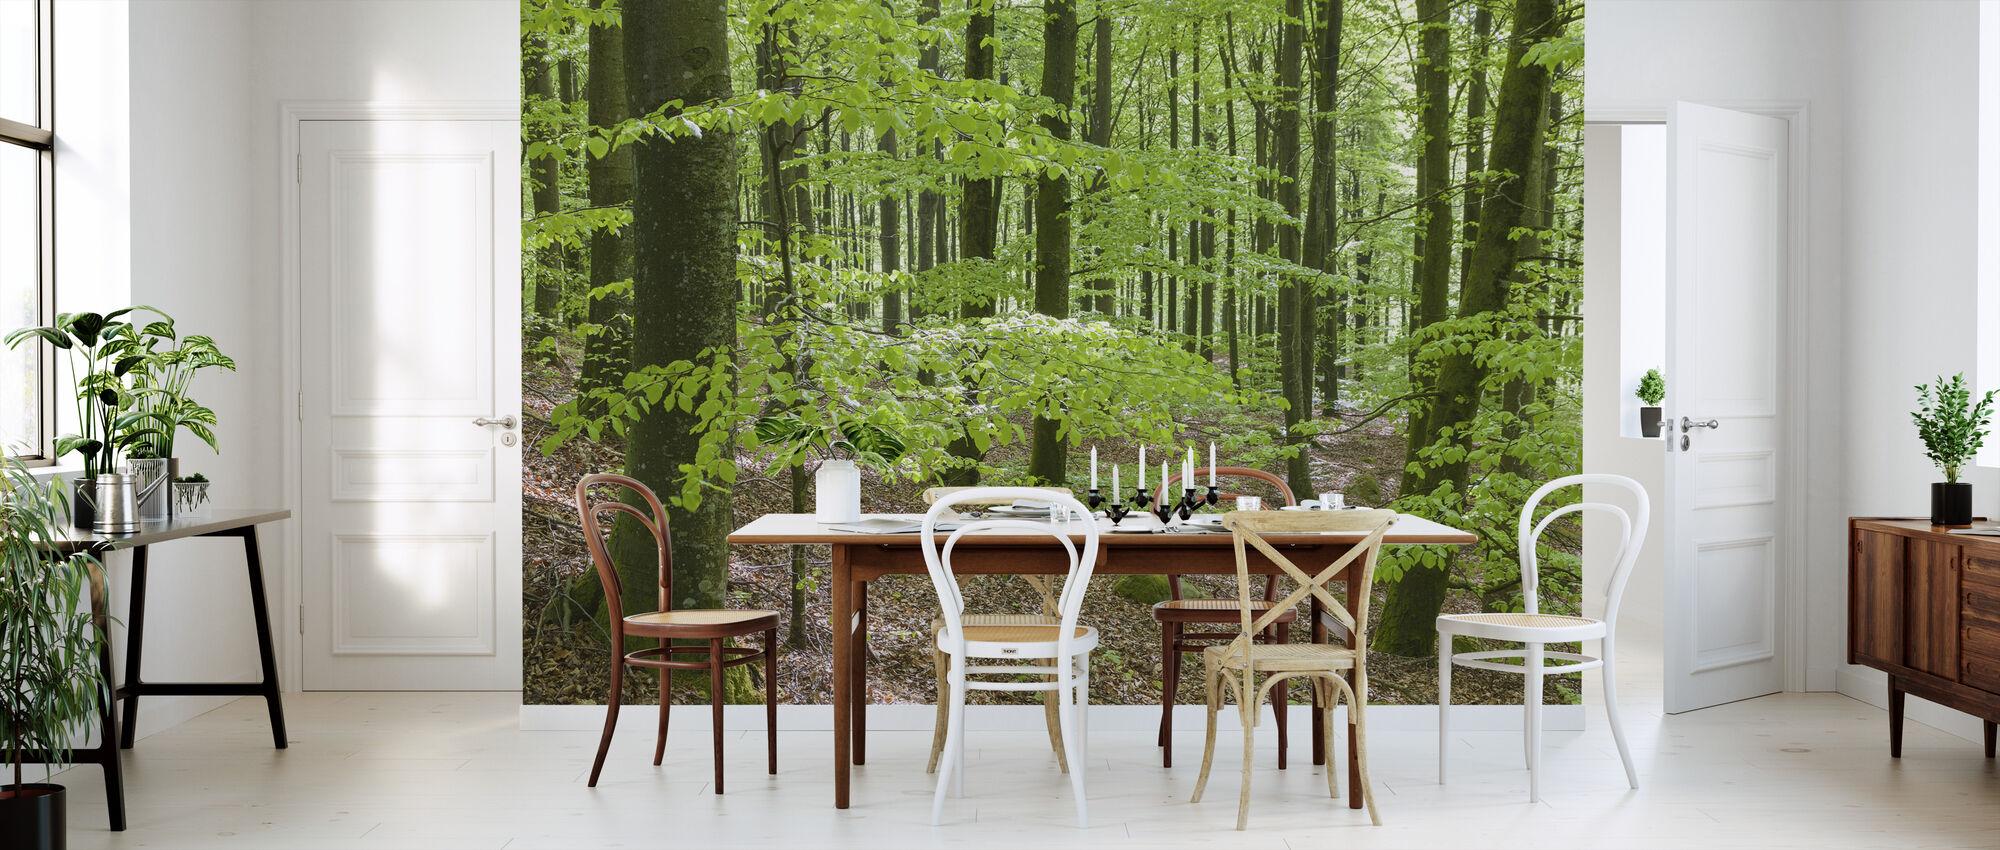 Green Beech Forest - Wallpaper - Kitchen